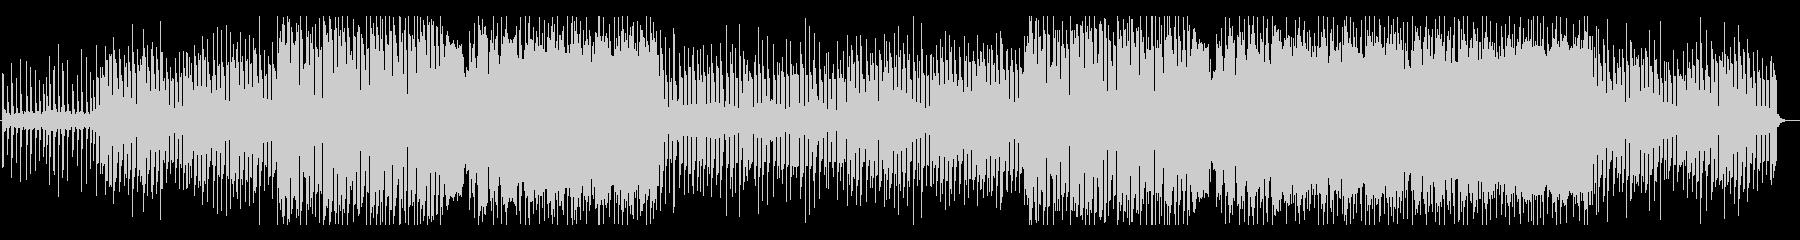 洋楽 フューチャーポップ 温かい EDの未再生の波形